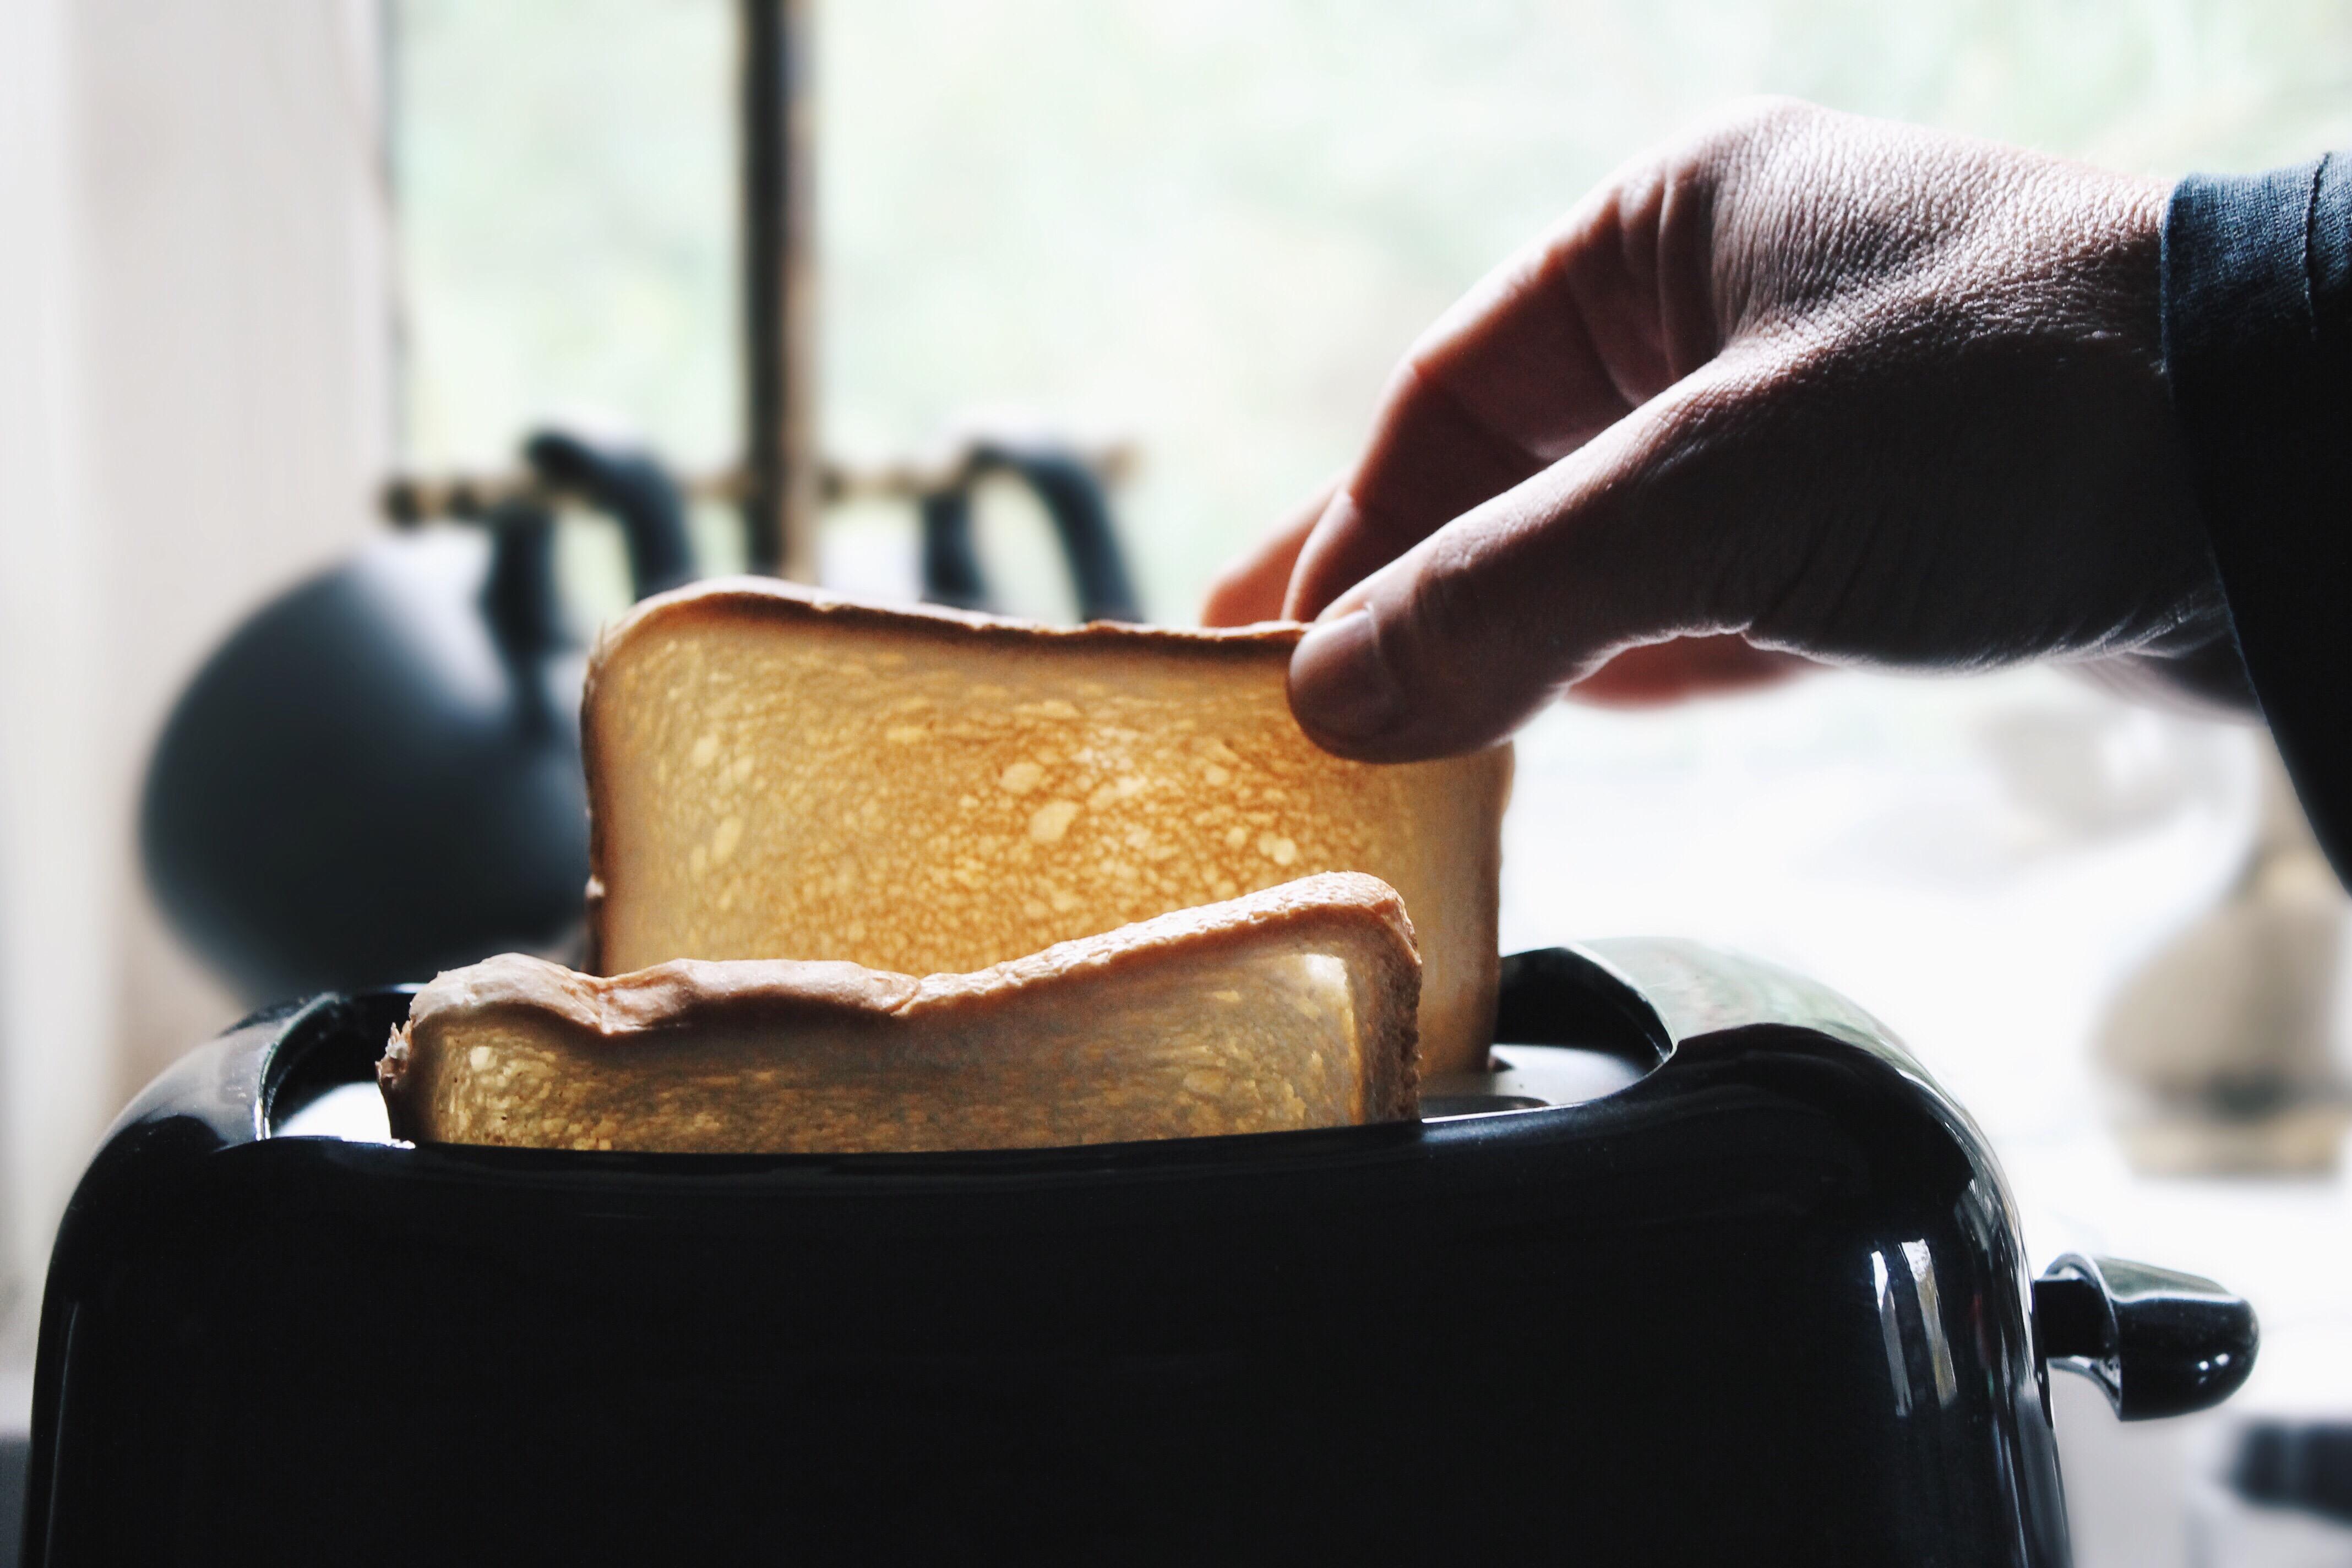 Ekmek Kızartma Makinesi ve Püf Noktaları